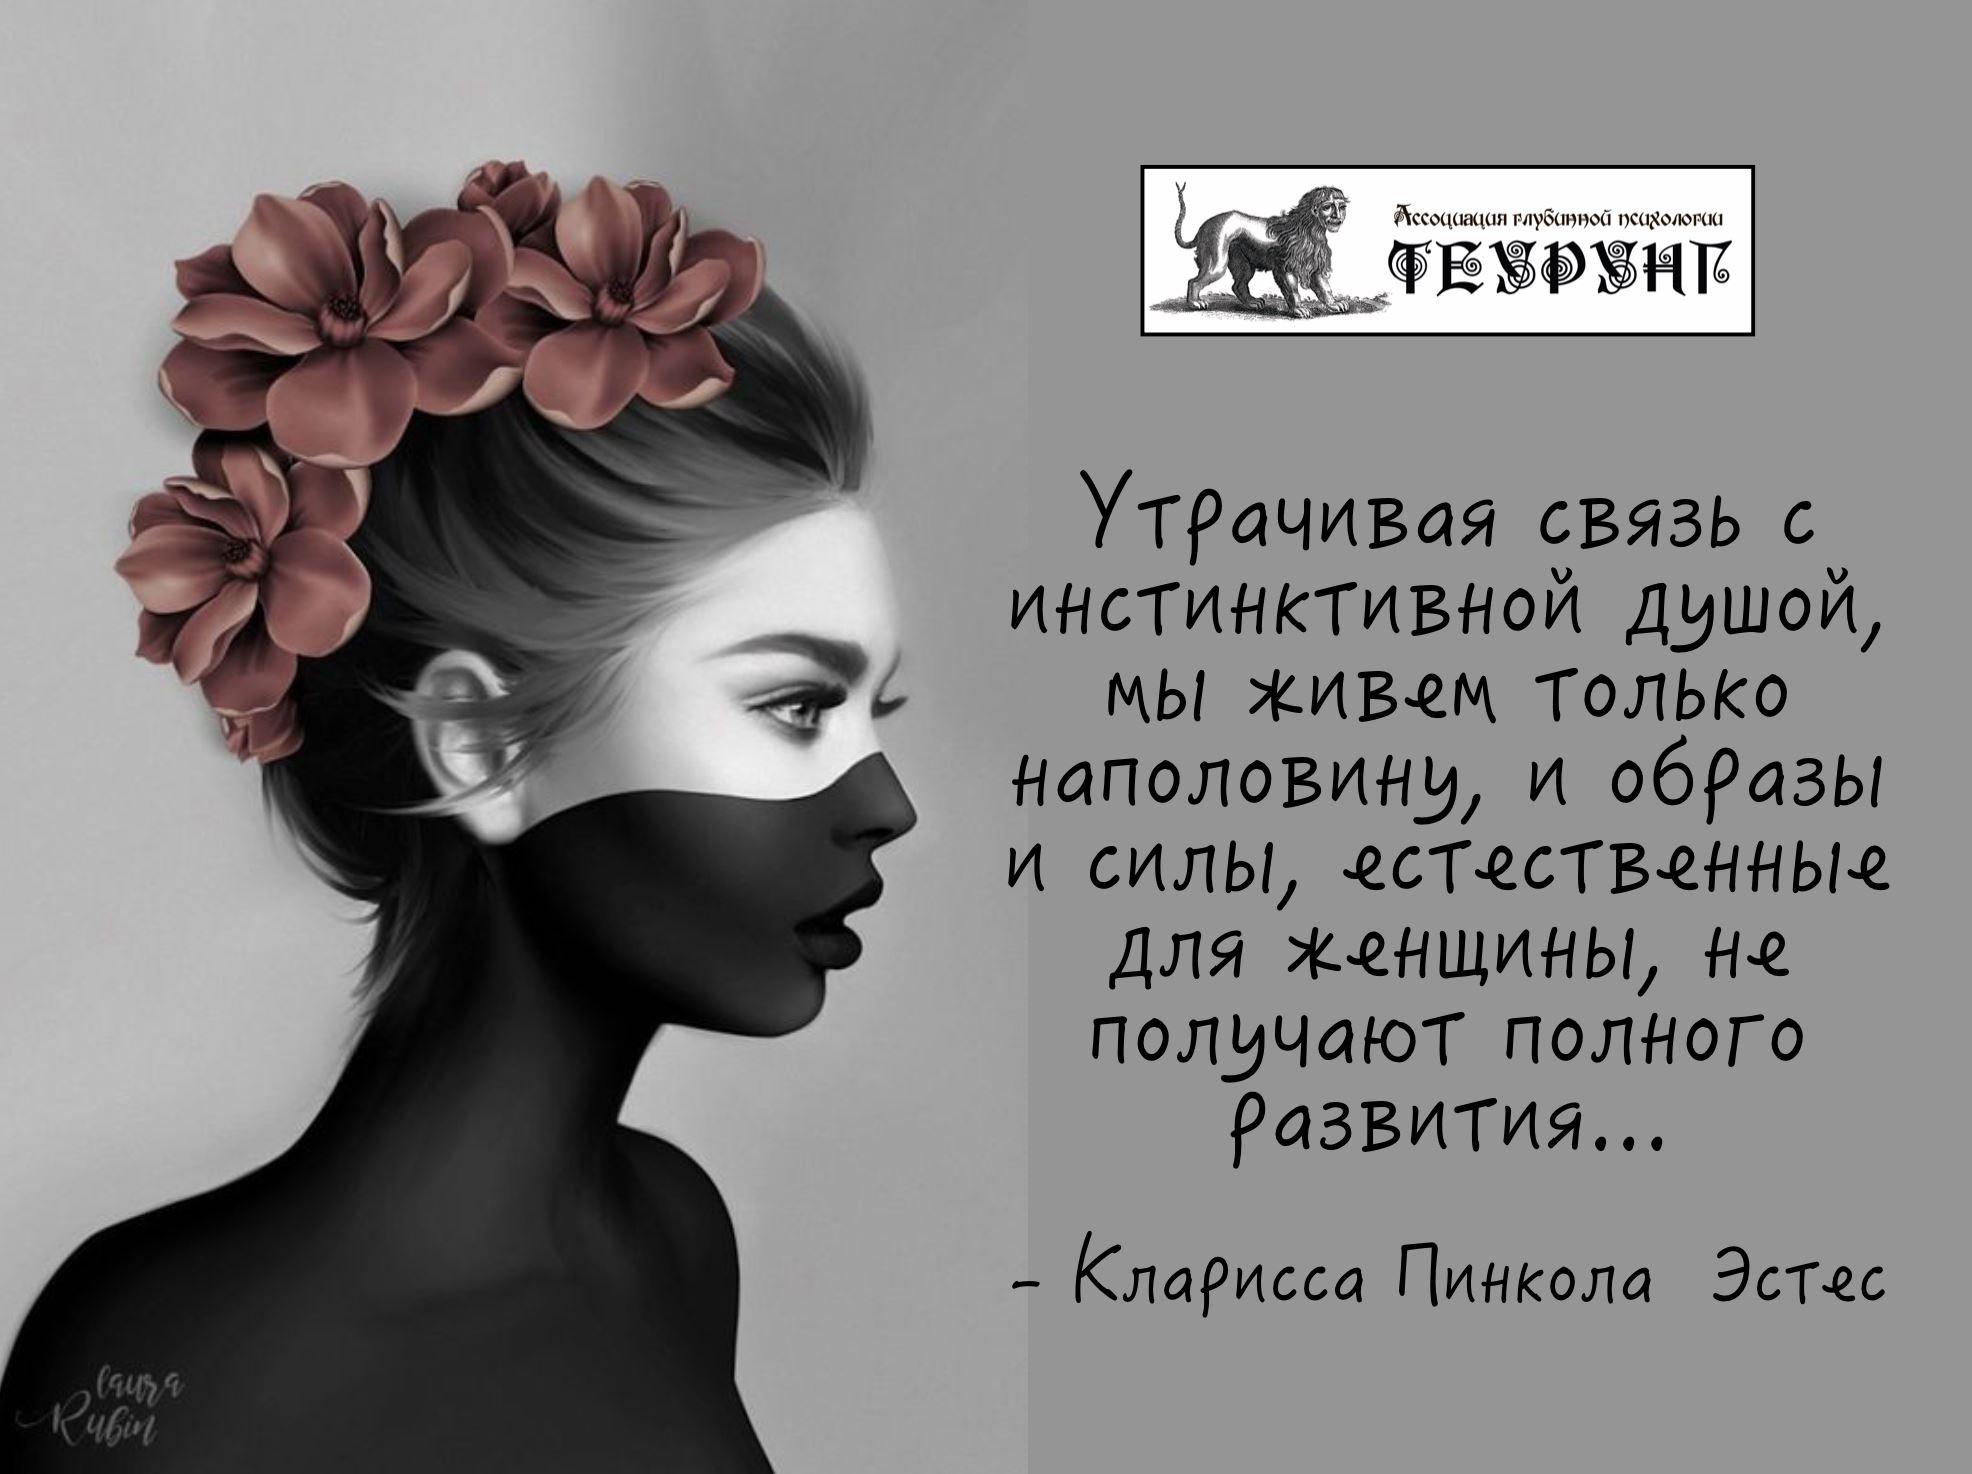 Киев. Архетипическая игра для женщин - Путь Героини